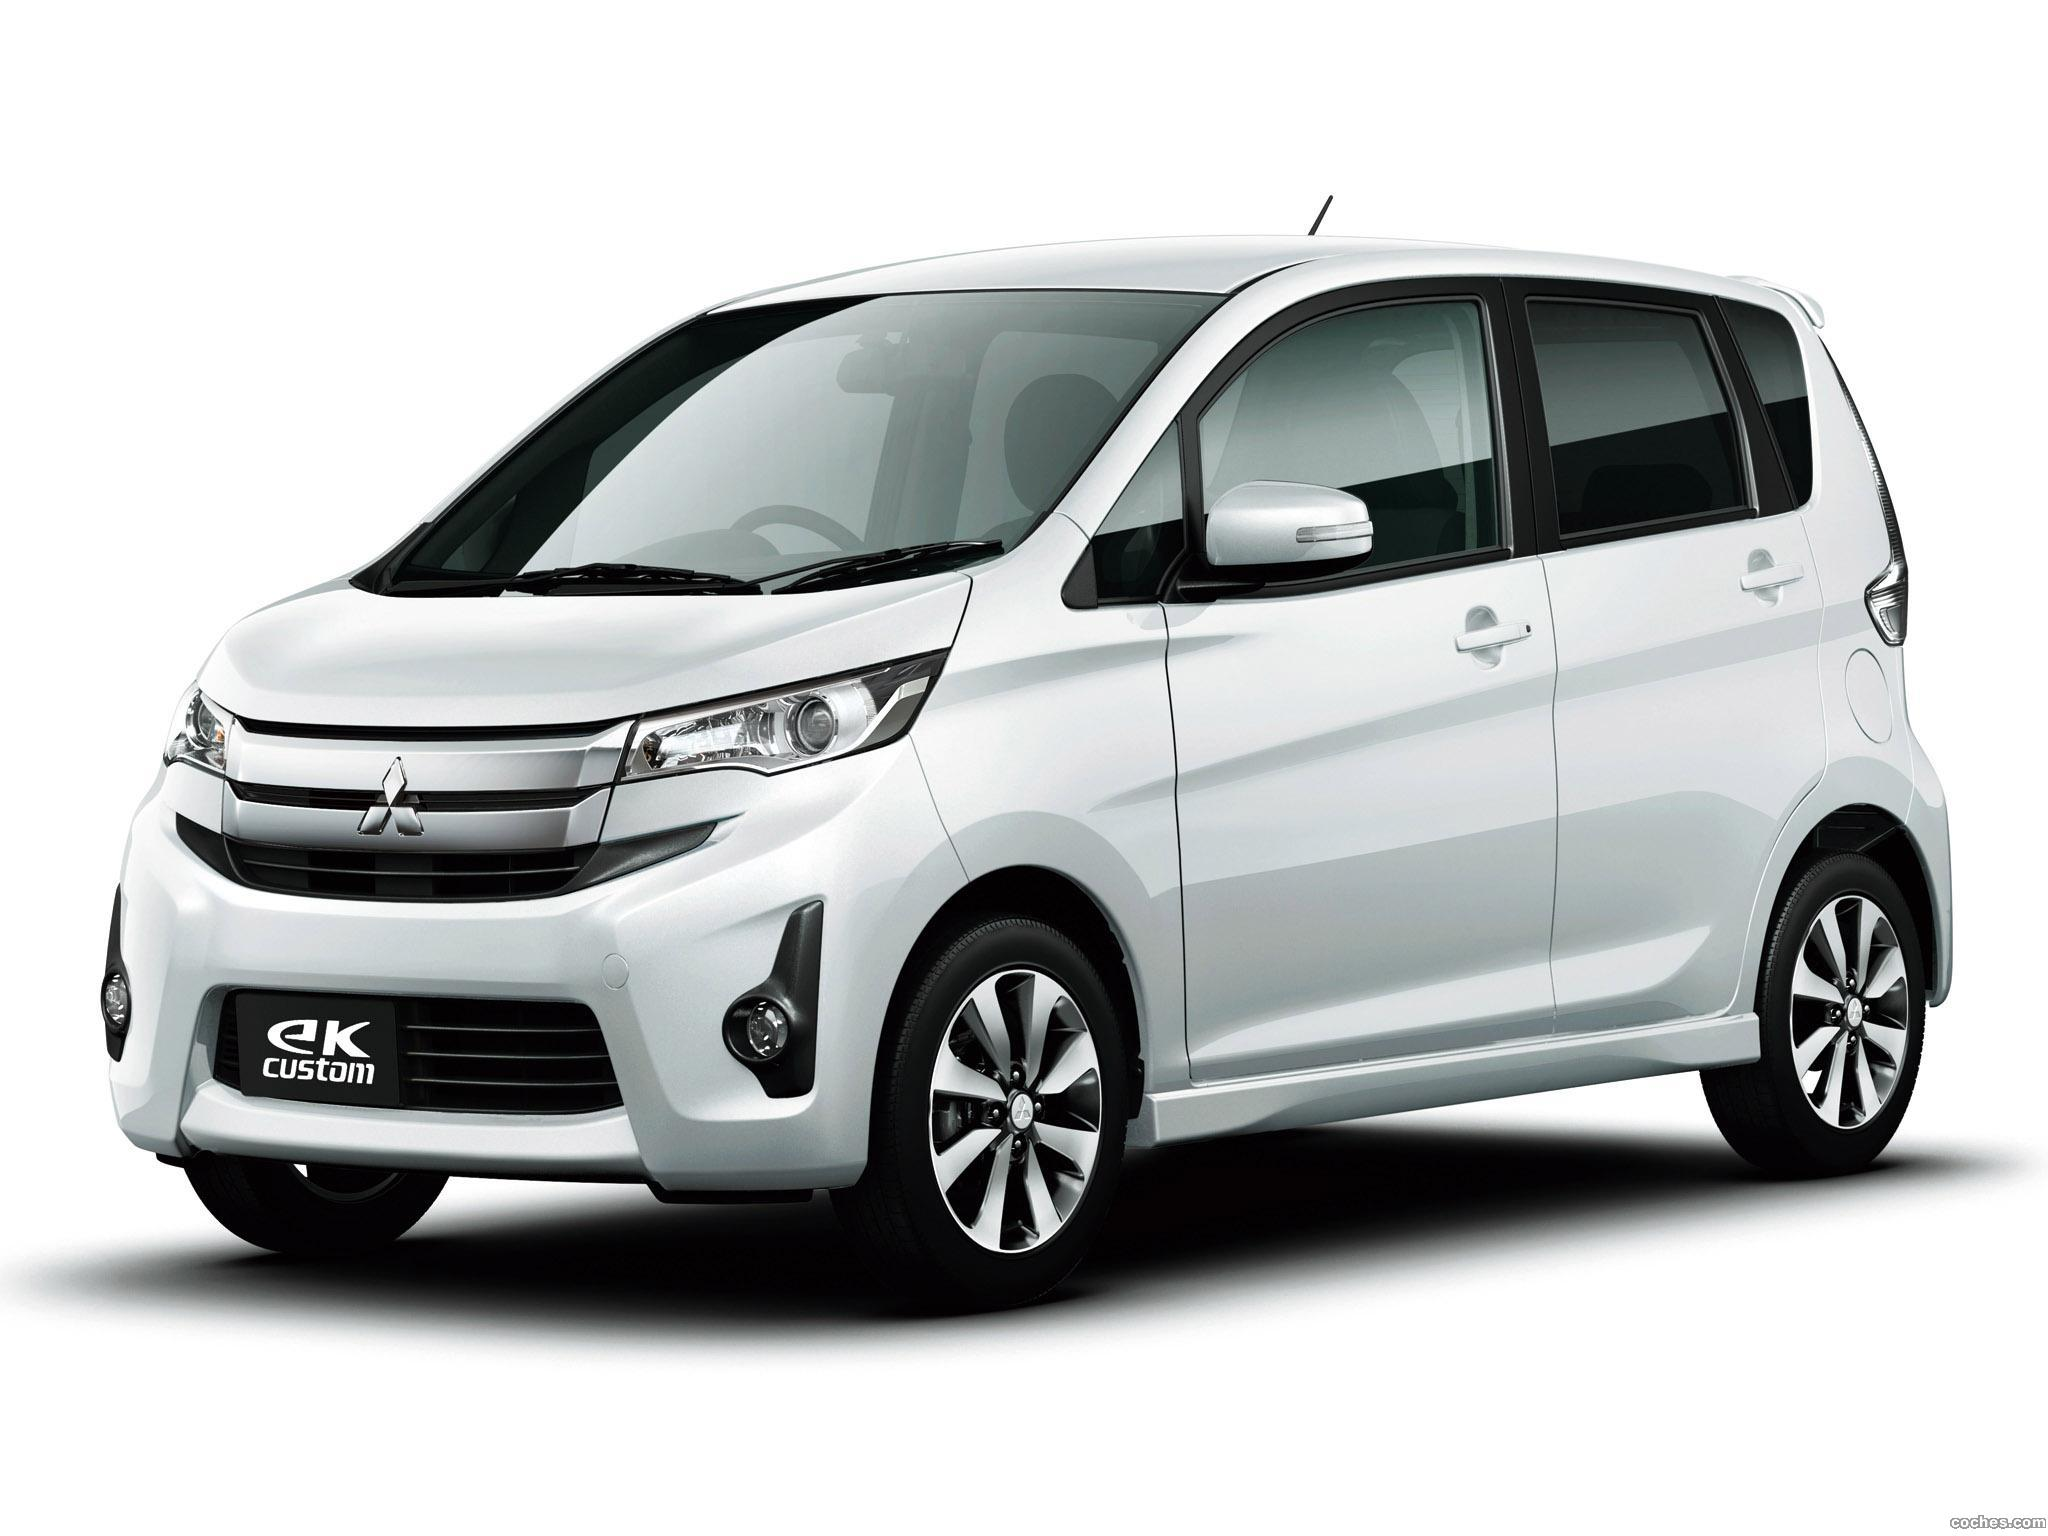 Foto 0 de Mitsubishi eK Custom 2013